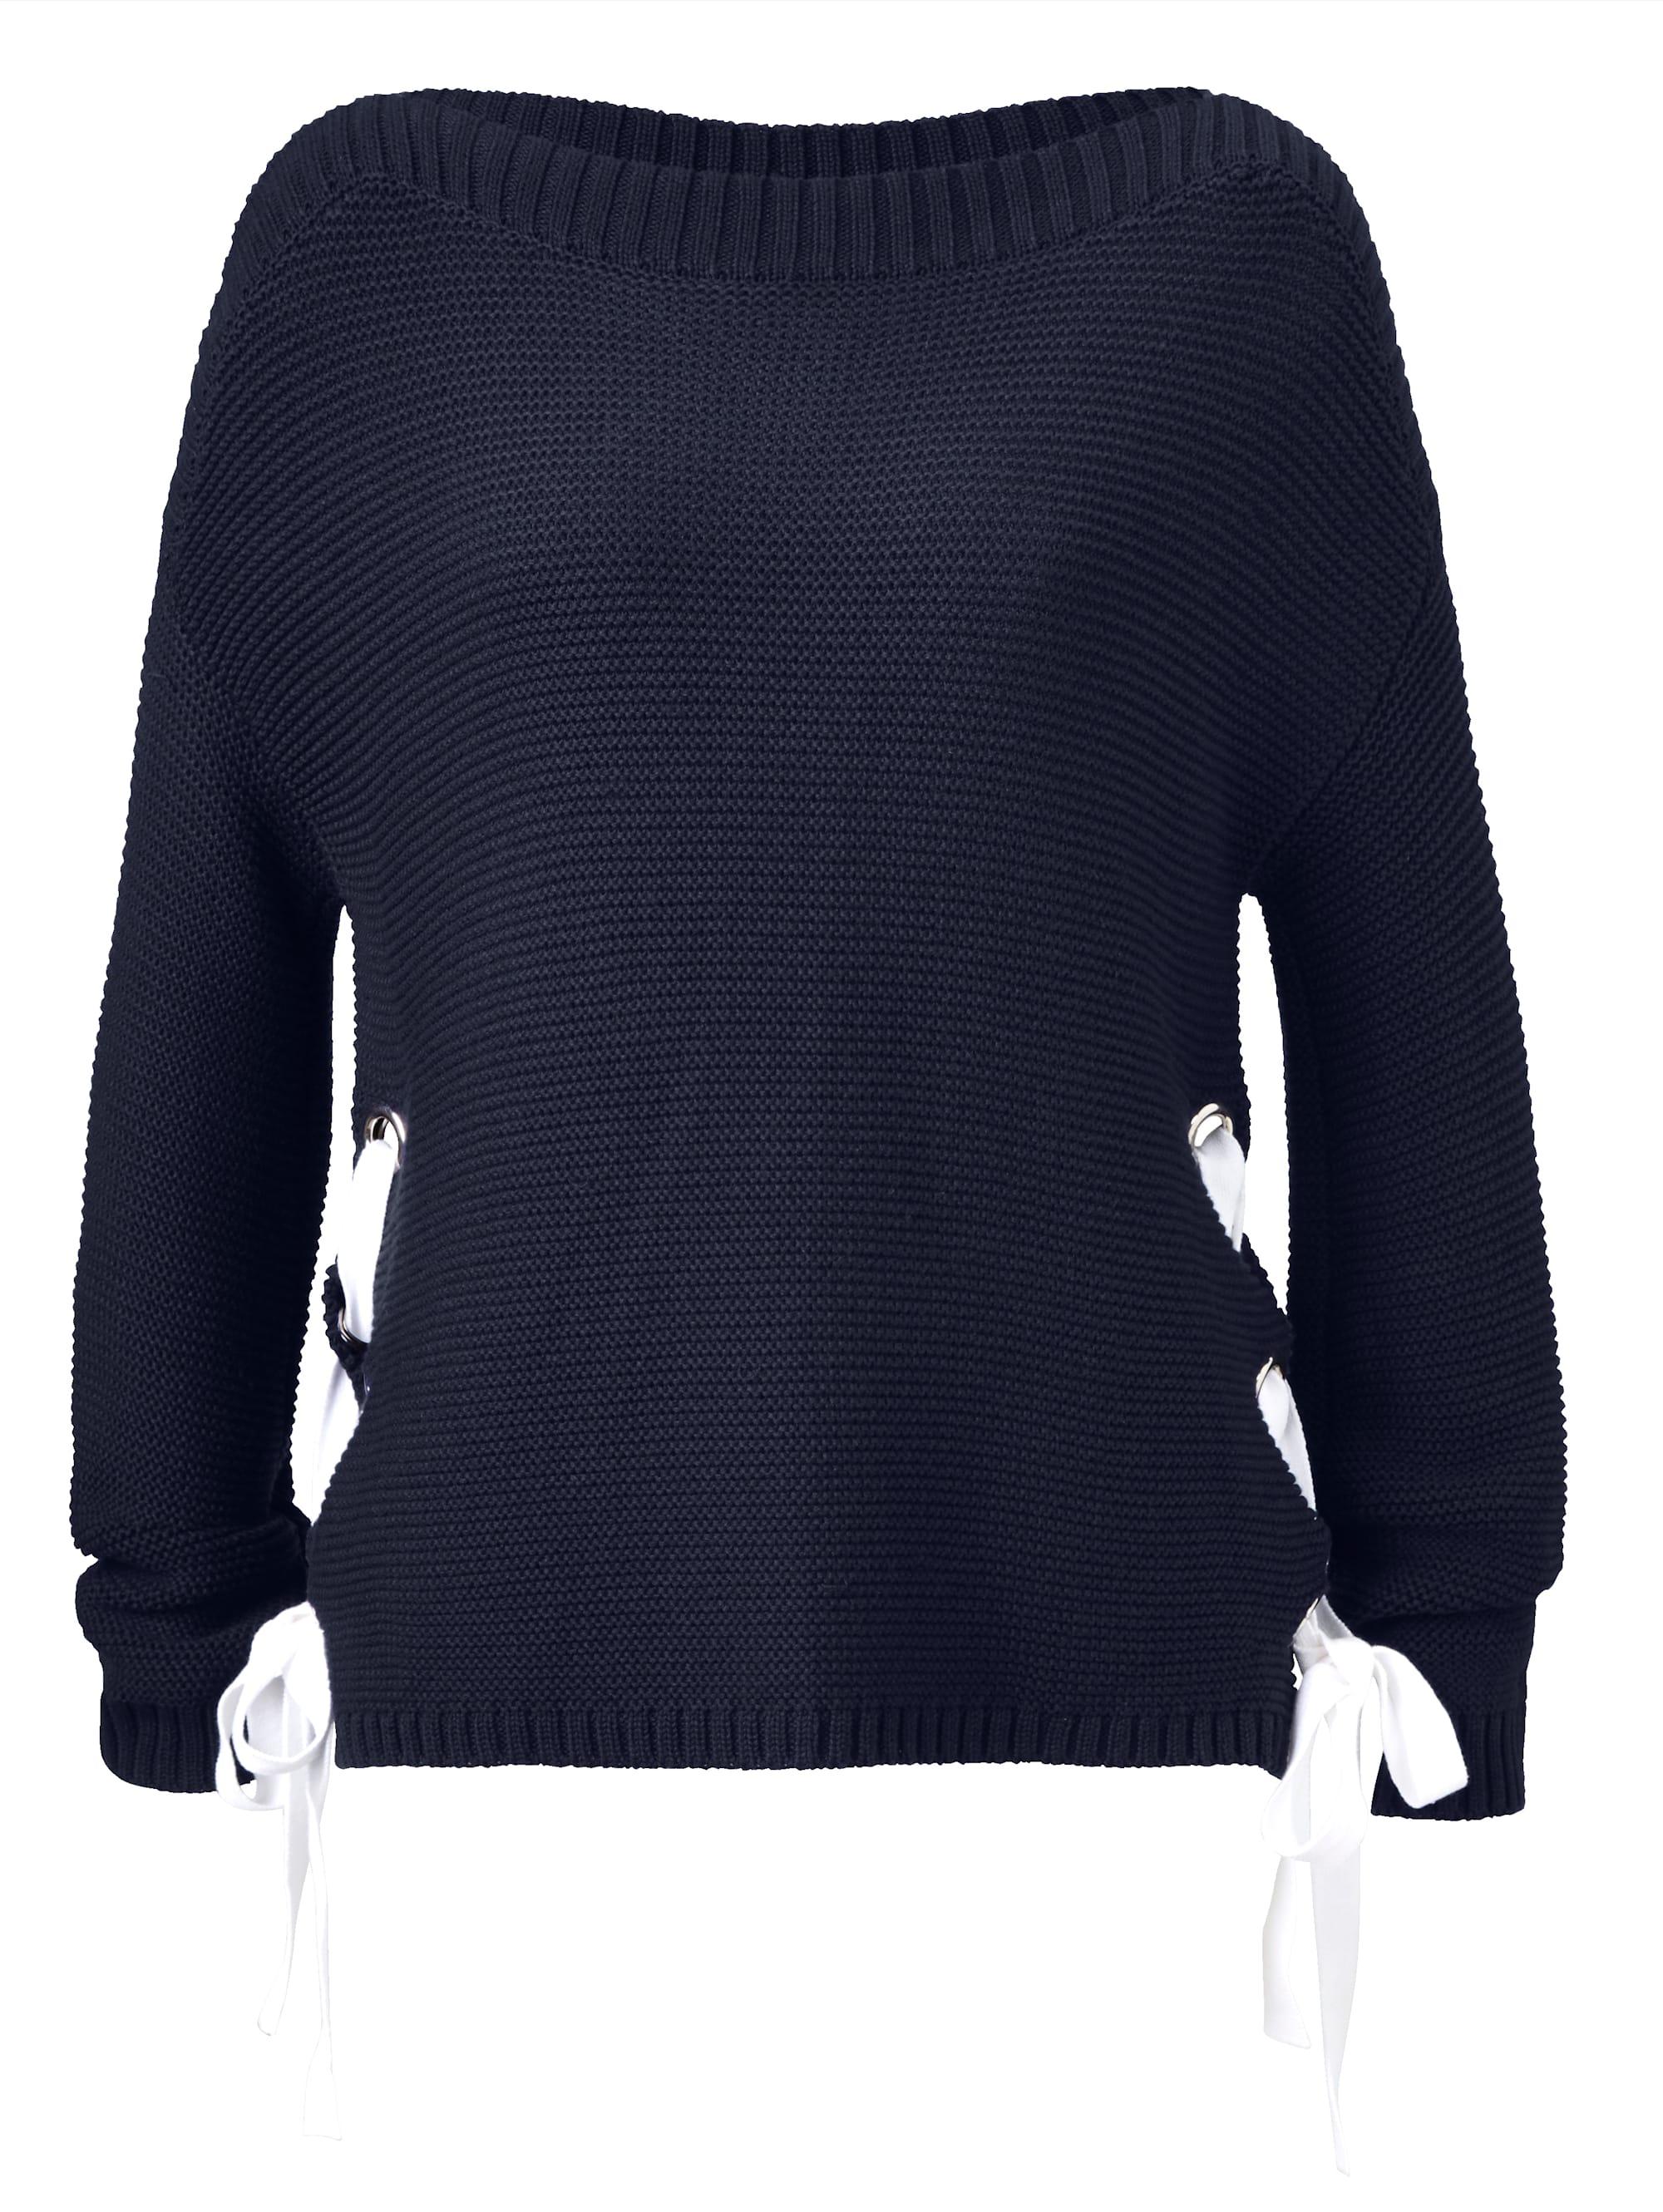 REKEN MAAR Pullover kontrastfarbene Schnürung an den Seiten Vv02d laim0